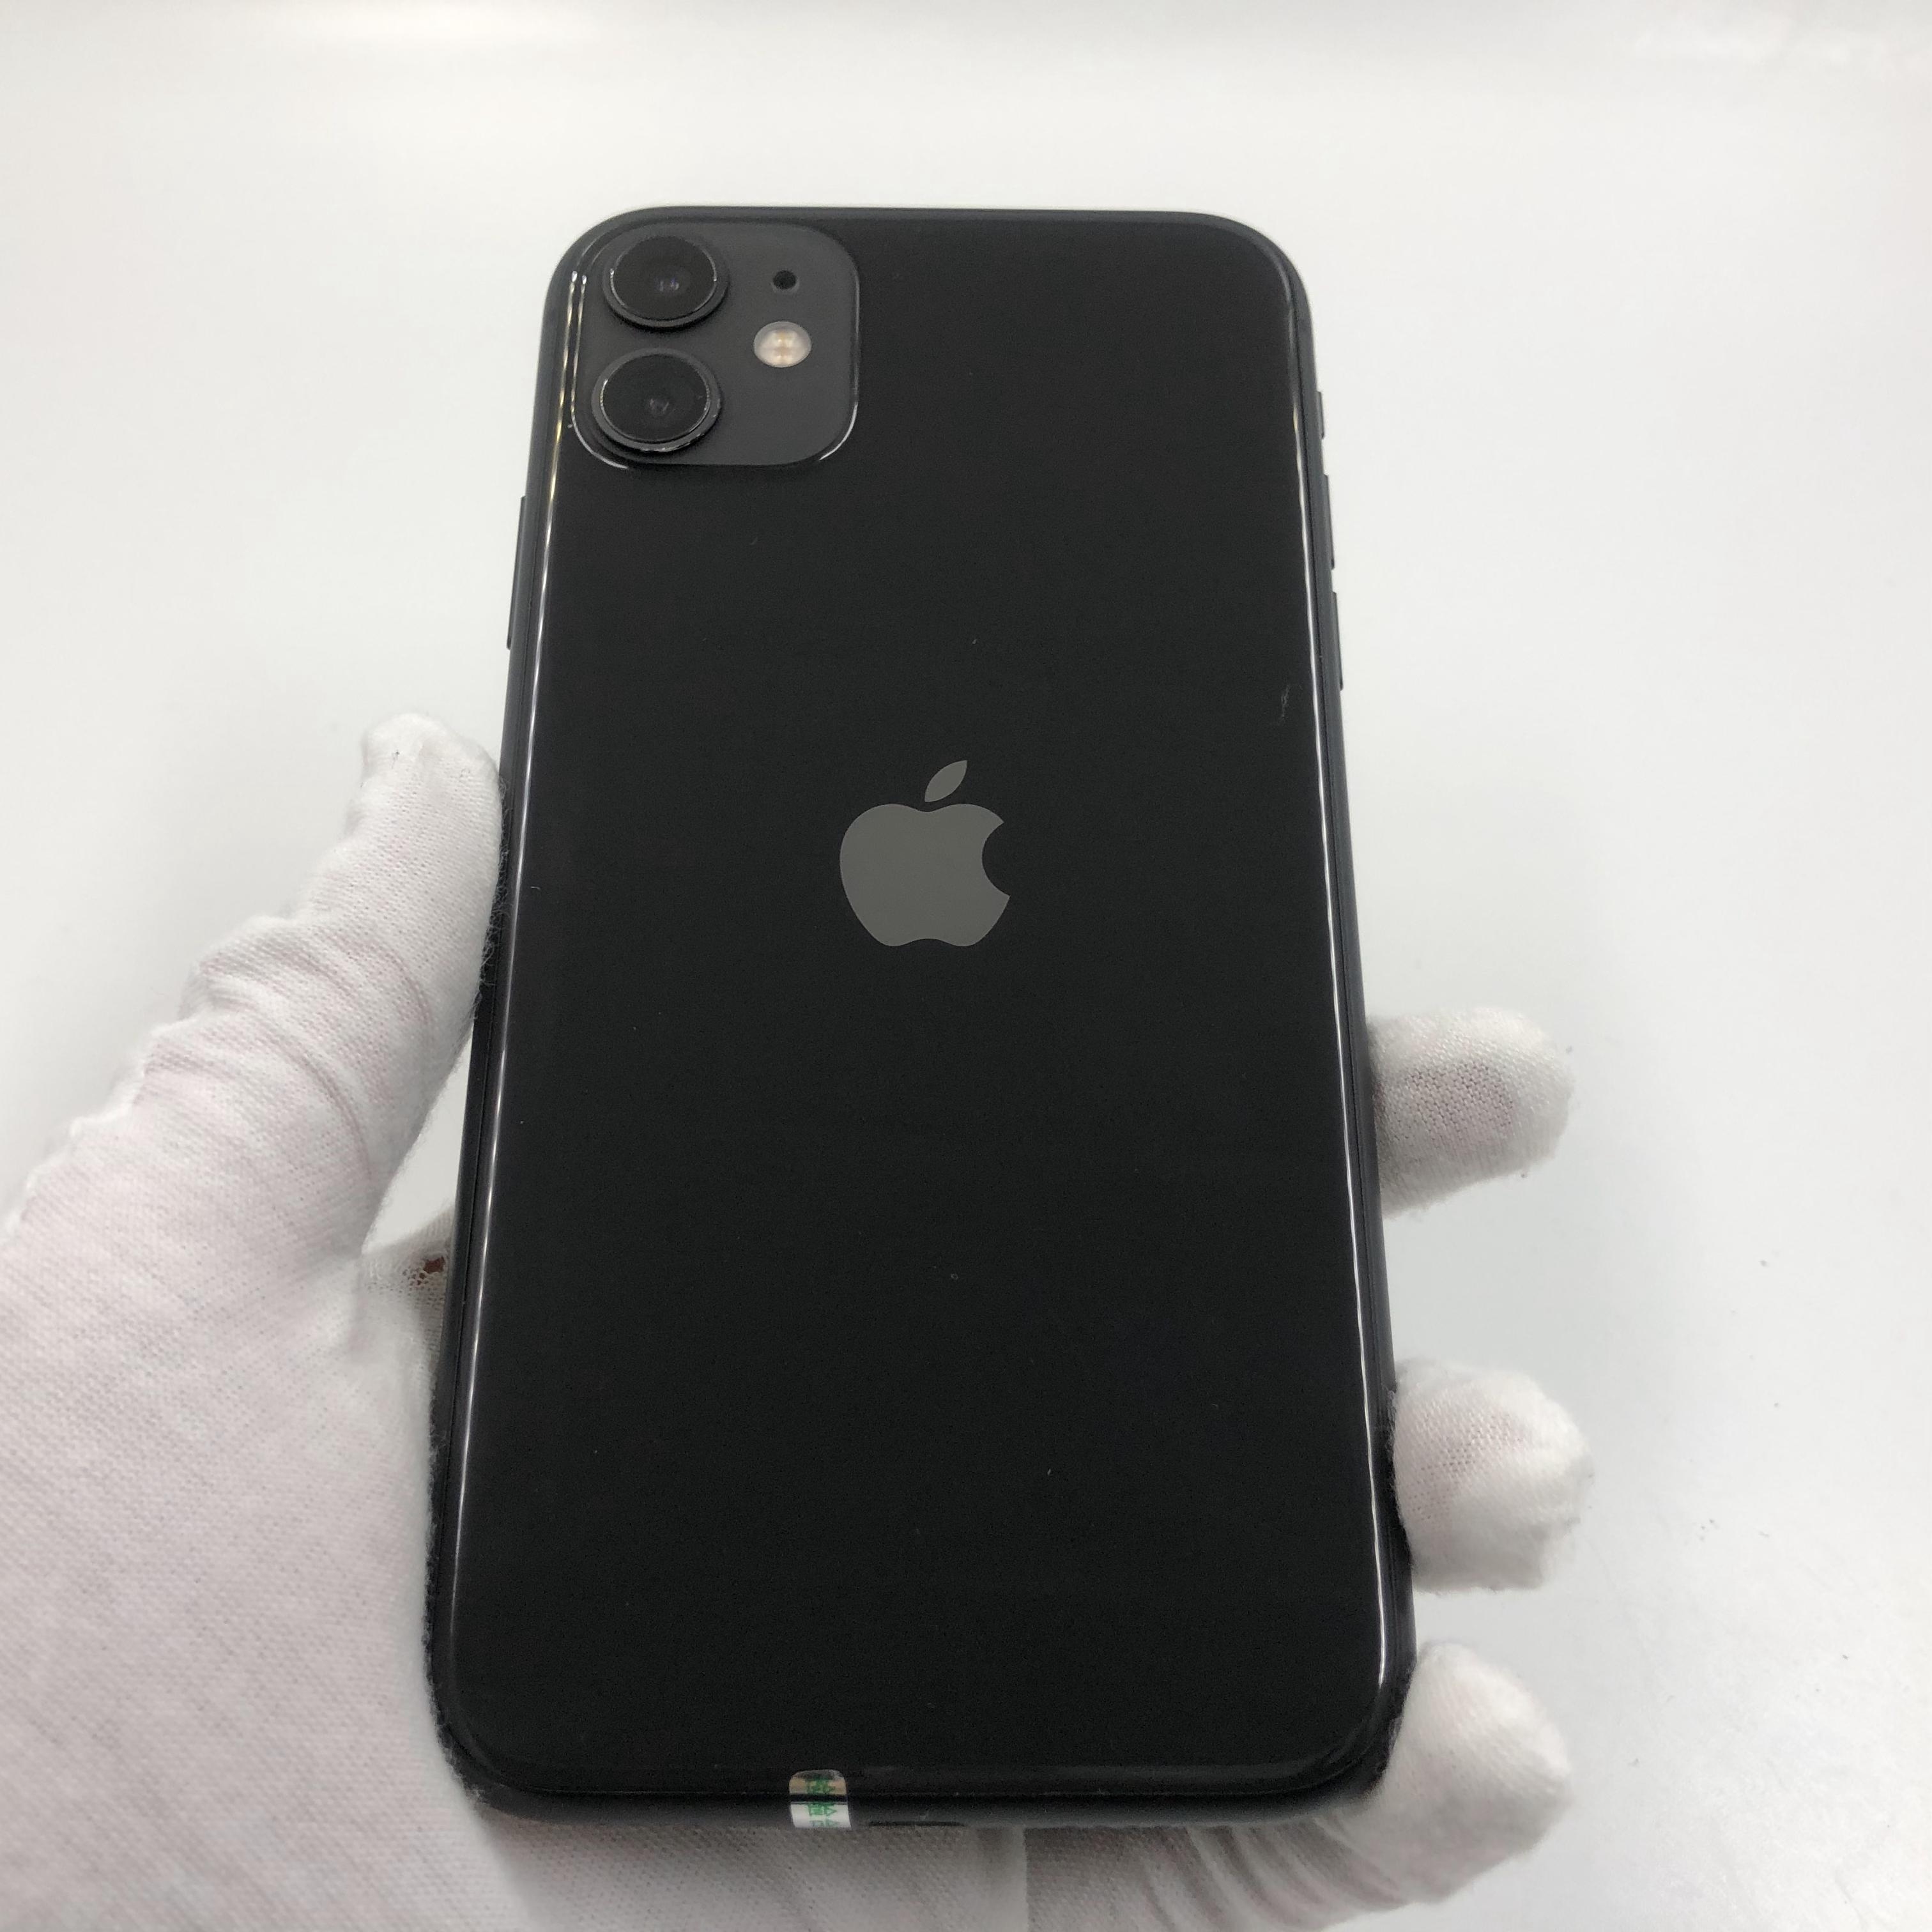 苹果【iPhone 11】4G全网通 黑色 128G 国行 95新 真机实拍官保2021-10-02